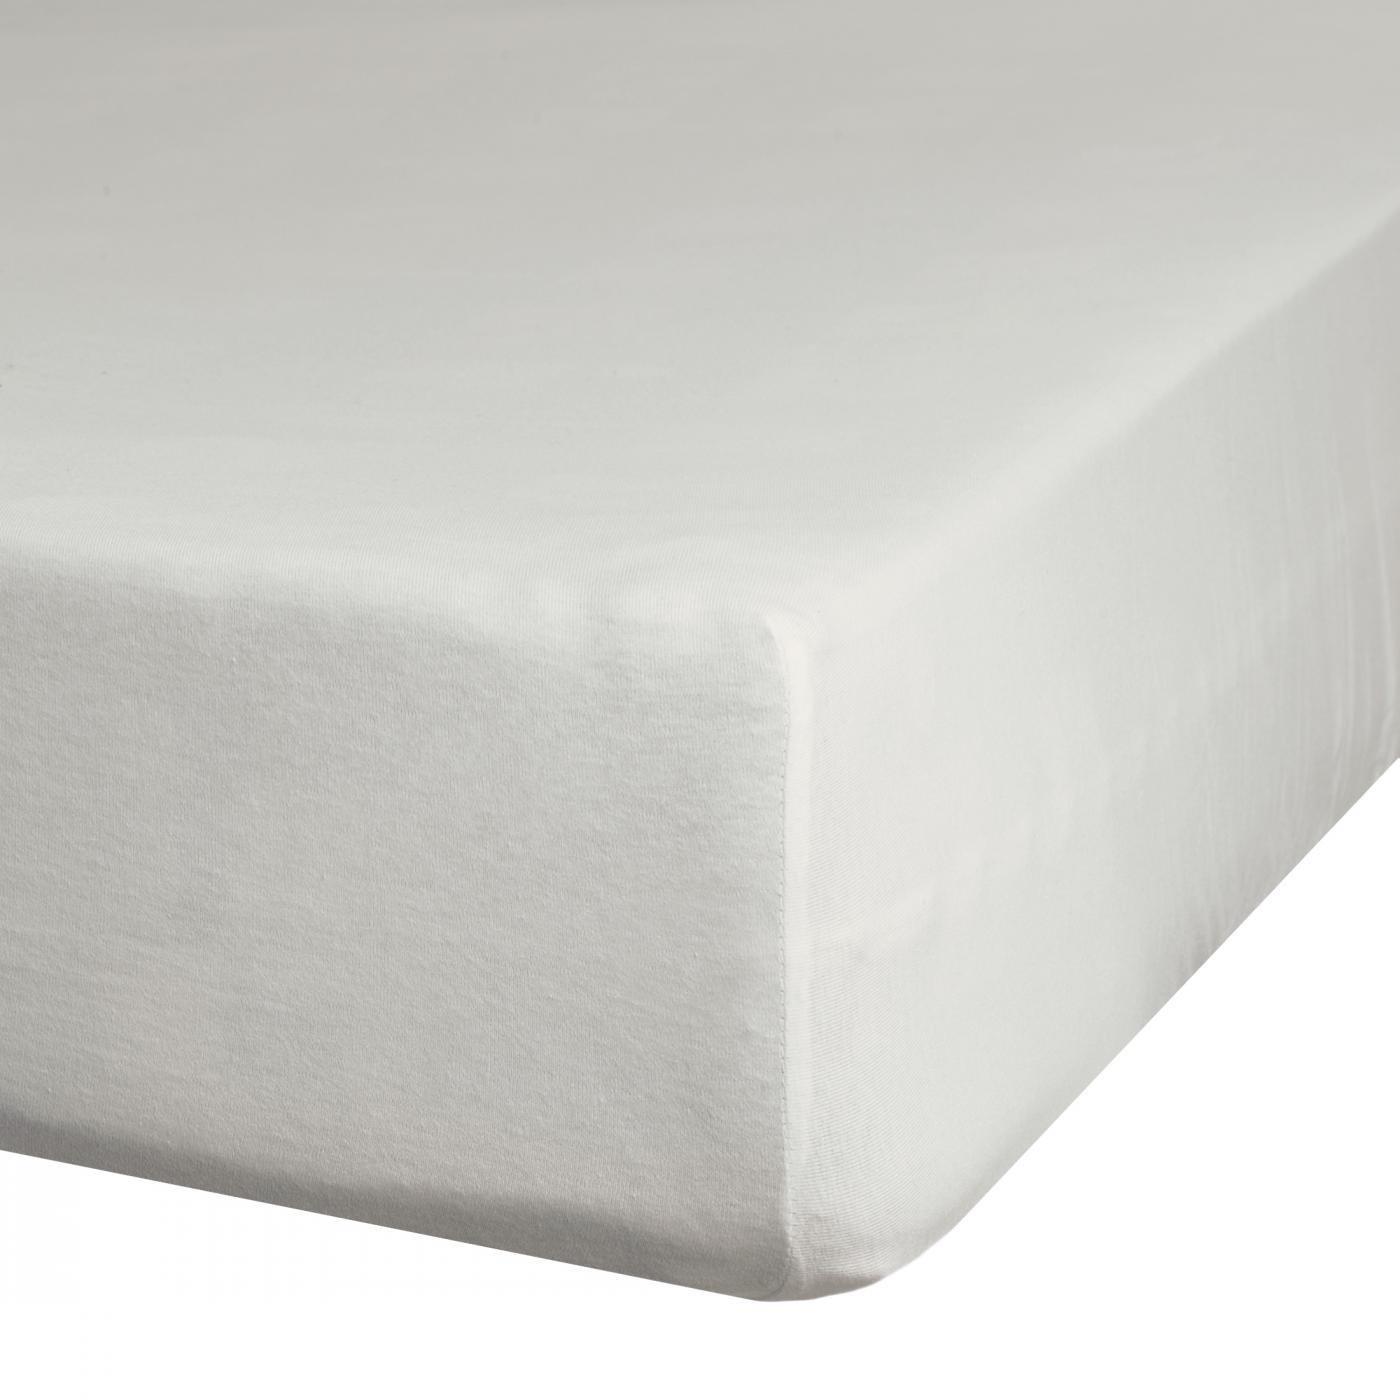 Prześcieradło z makosatyny gładkie 220x210 kolor srebrny